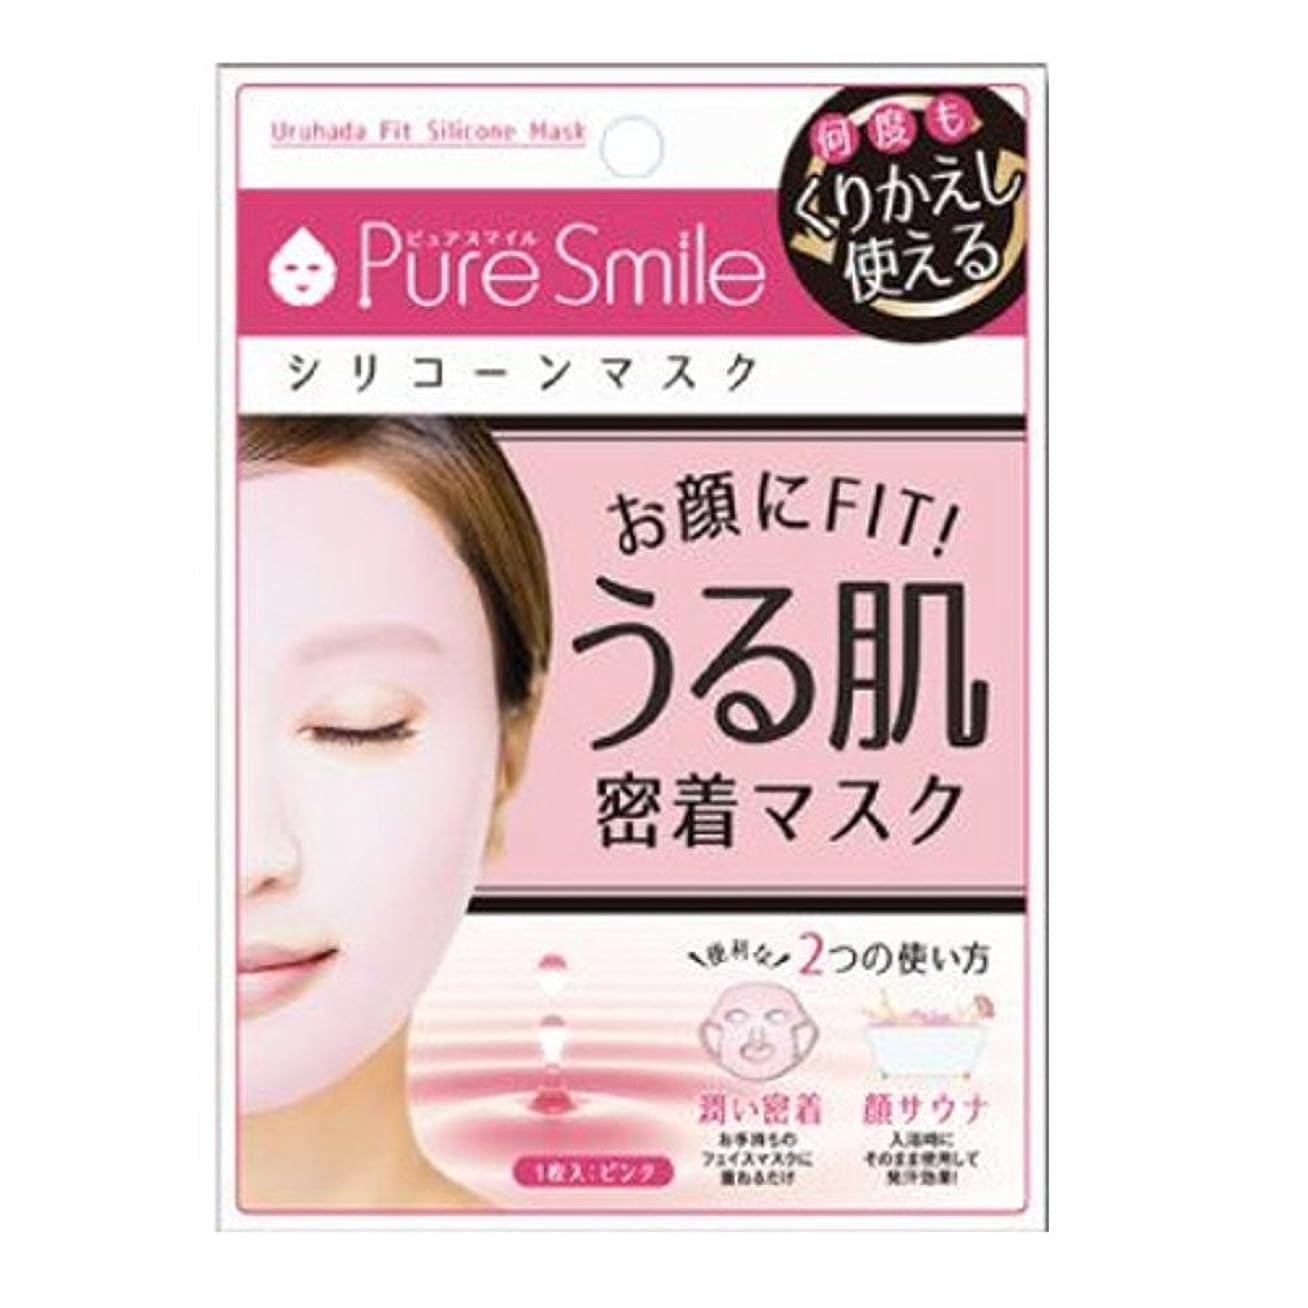 敵共役付録Pure Smile(ピュアスマイル) シリコーンマスク『うる肌密着マスク』(ピンク)